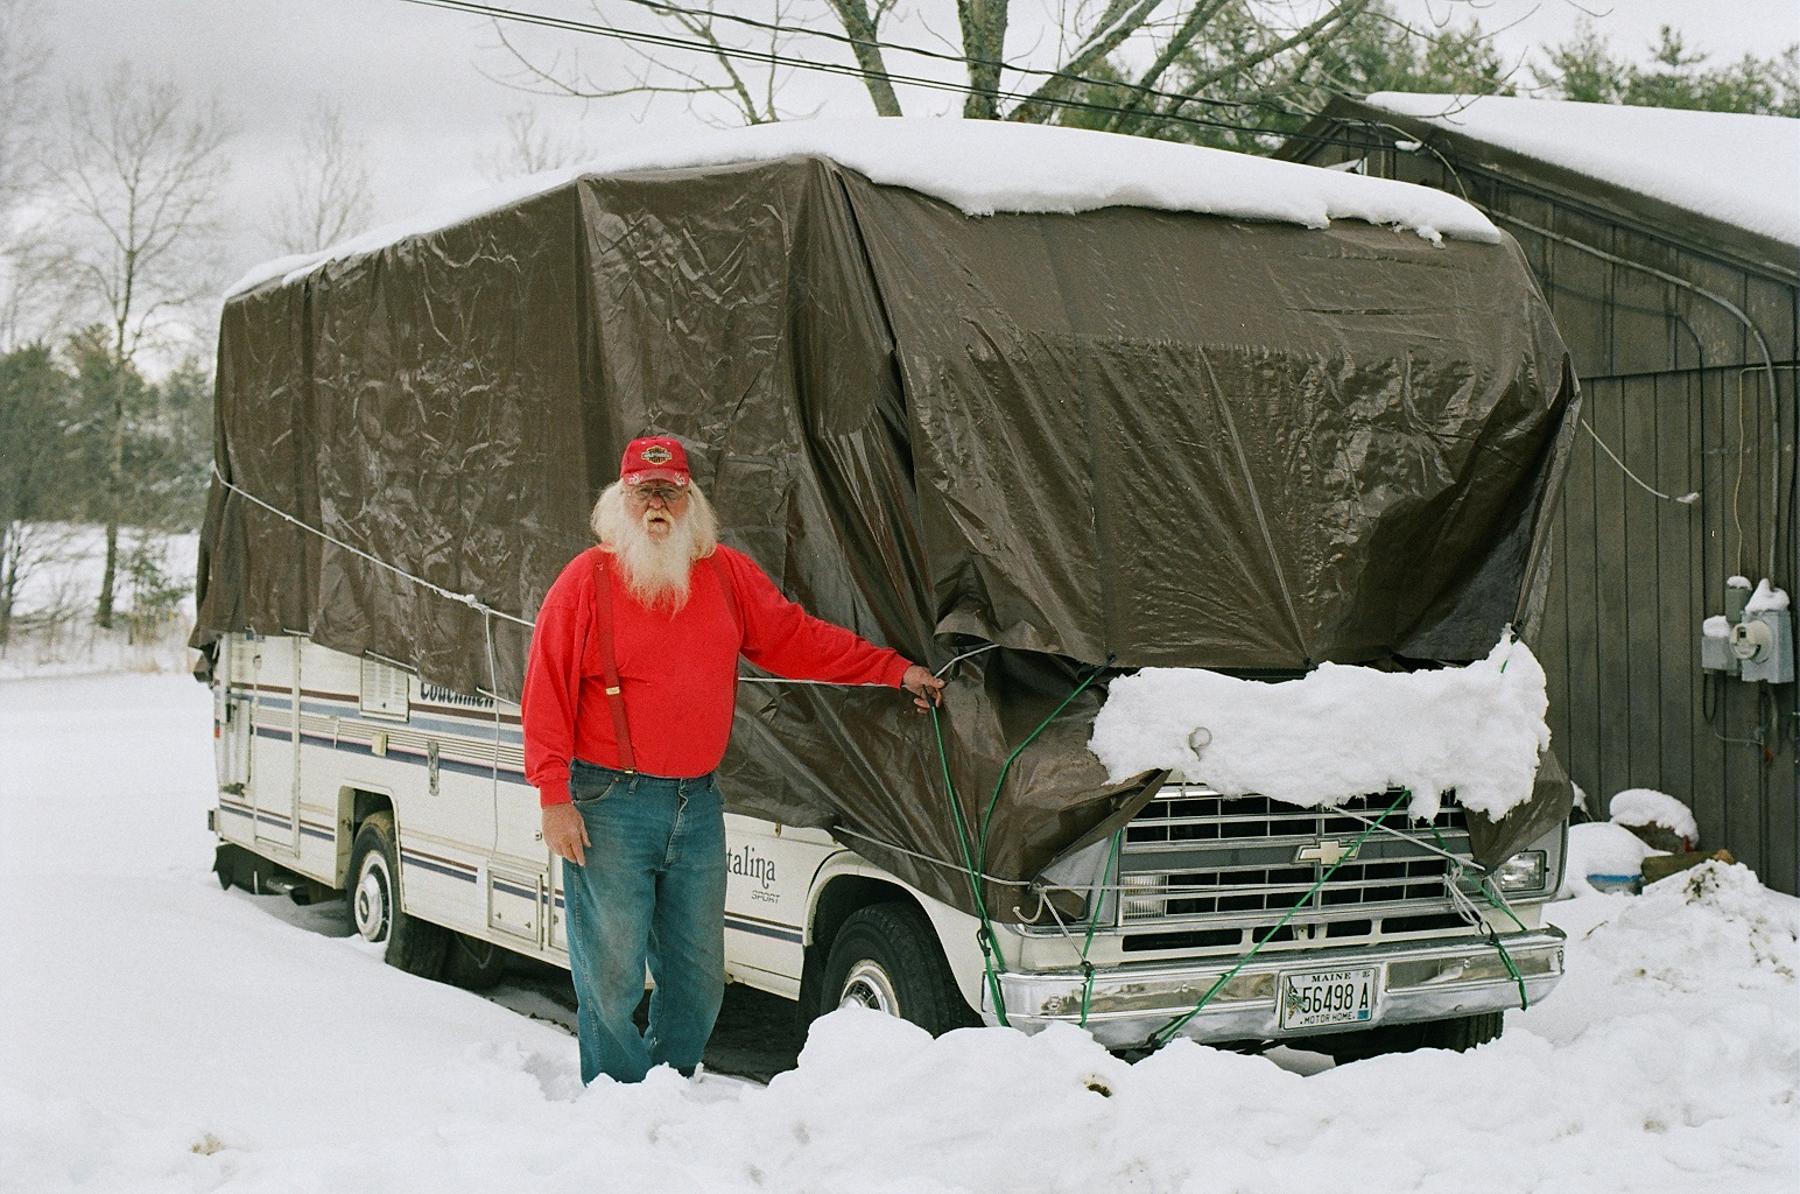 John + his camper